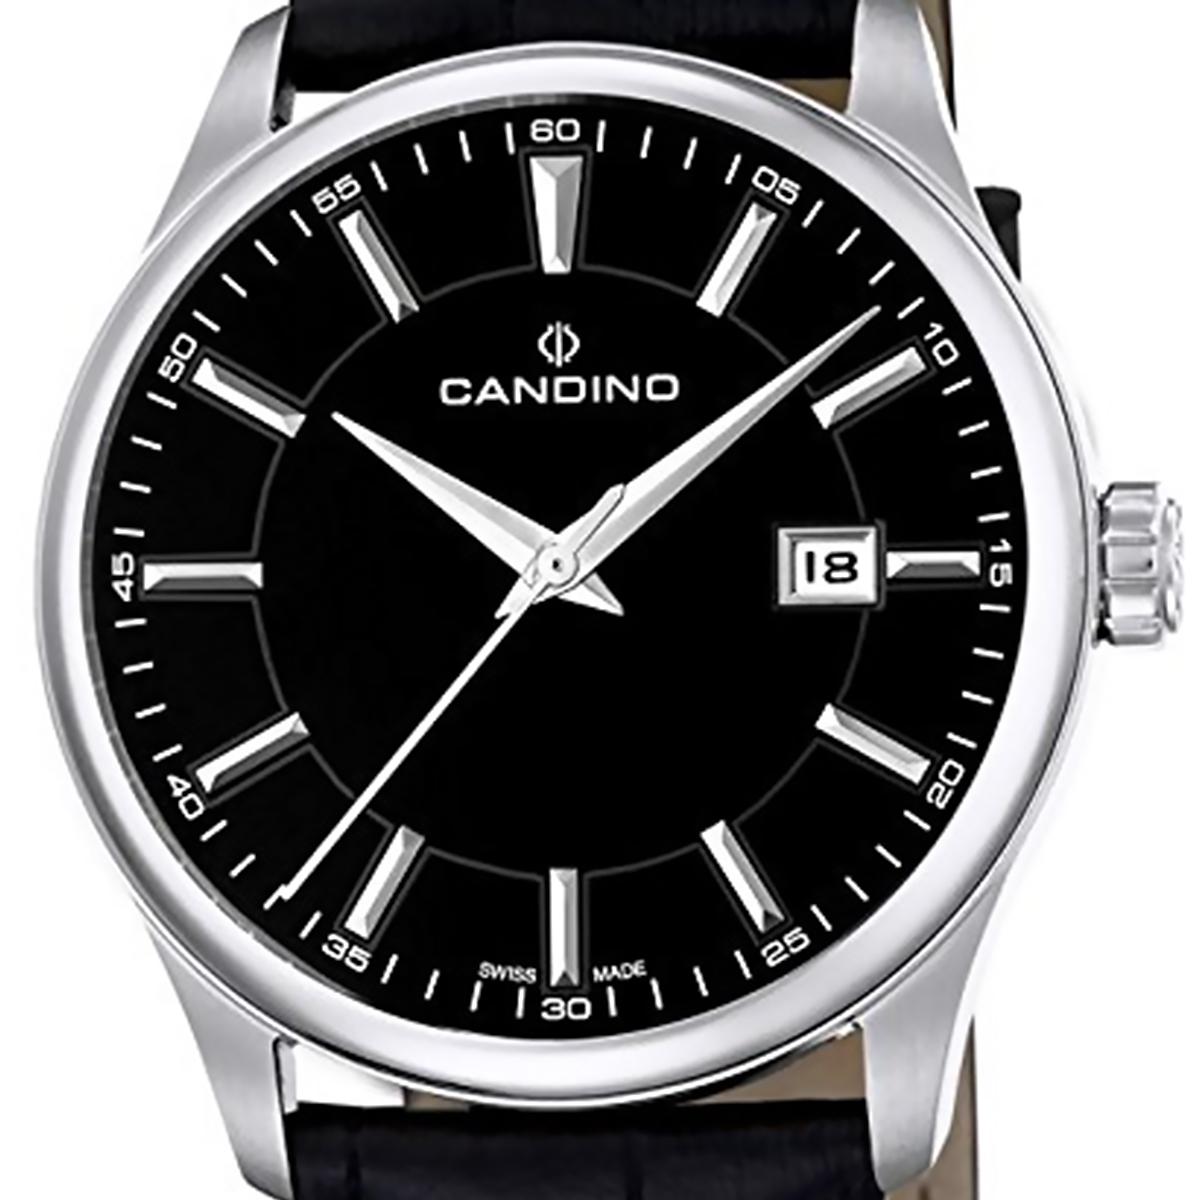 【残り1点】CANDINO キャンディーノ クラシック Classic C4455/3 [C4455-3] 並行輸入品